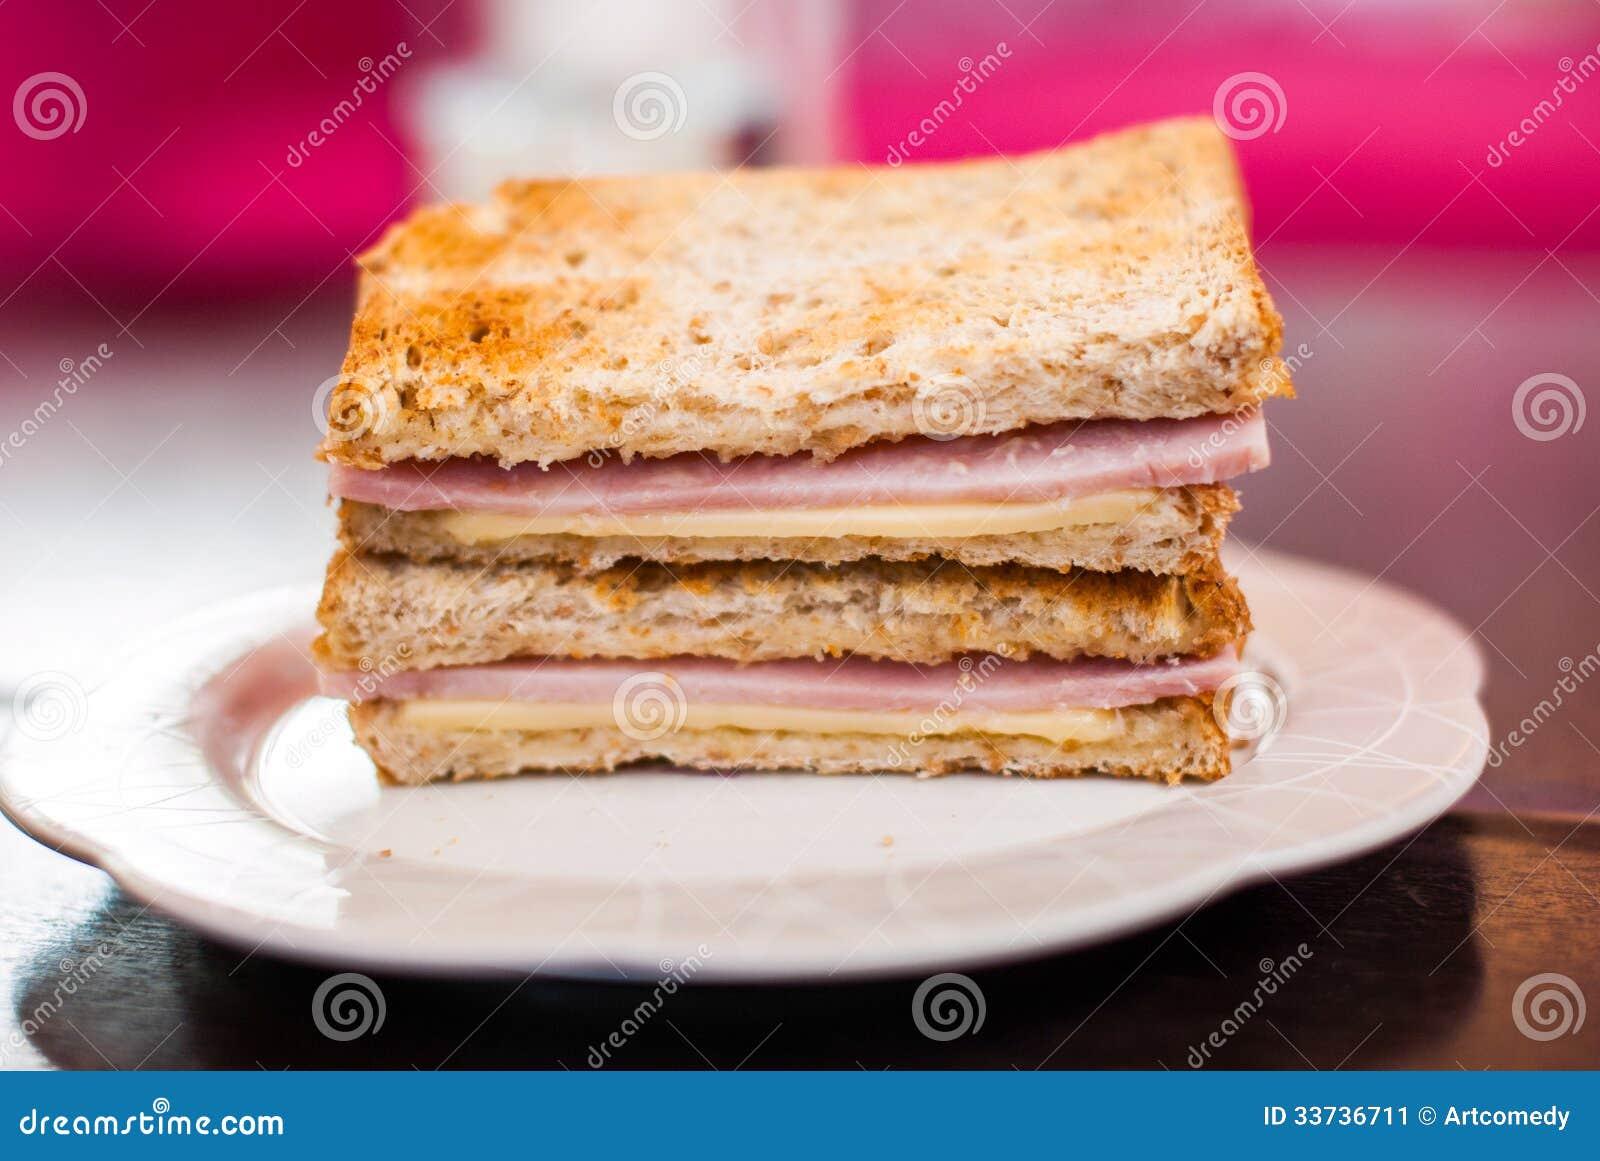 Провозглашанный тост сандвич с ветчиной и сыром